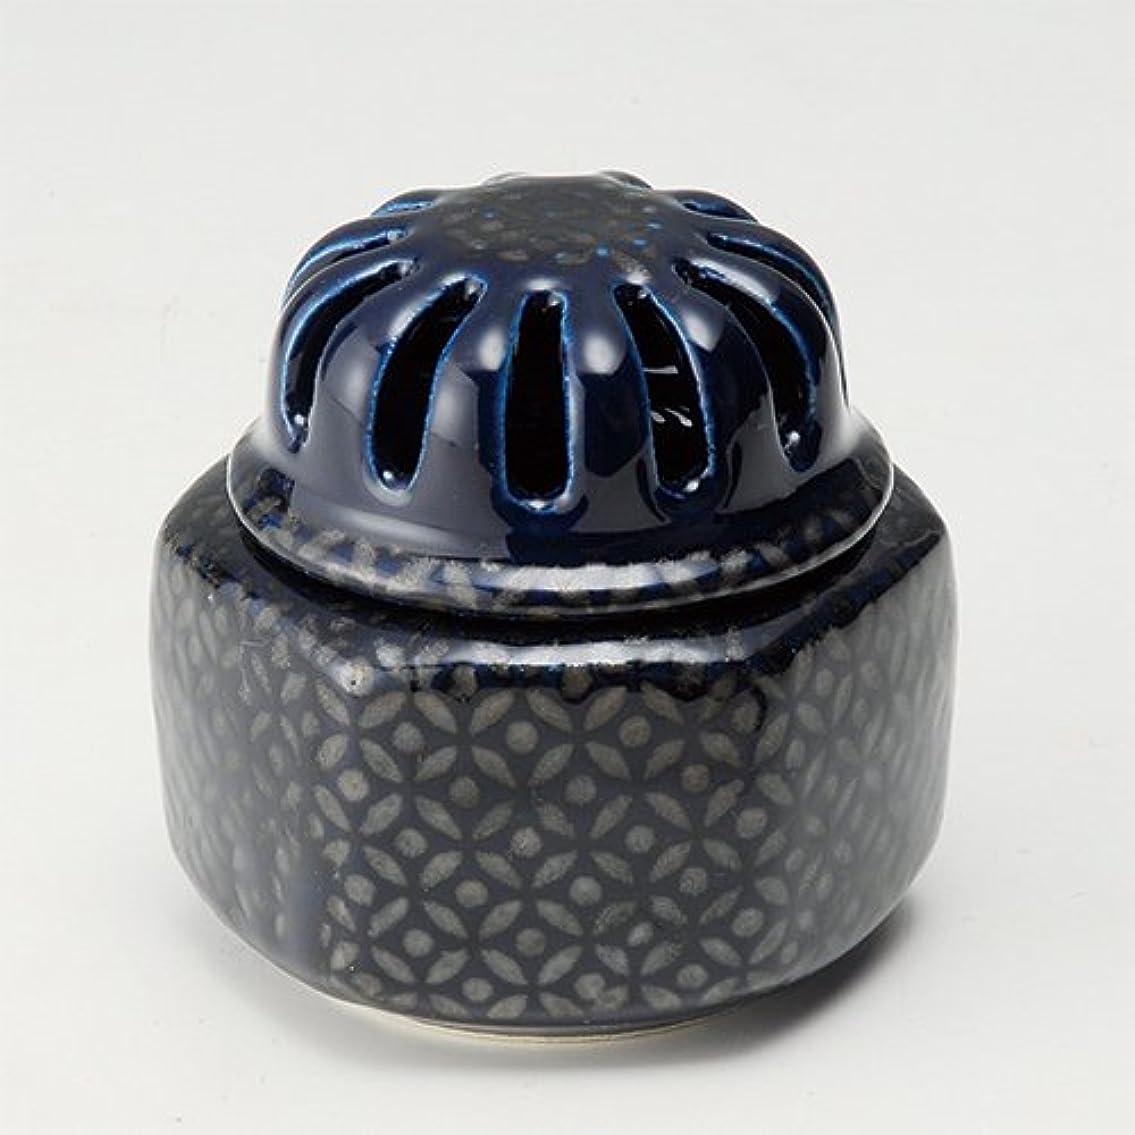 ヘッドレス豊かな香炉 瑠璃七宝 福香炉 [R8.8xH8.7cm] プレゼント ギフト 和食器 かわいい インテリア